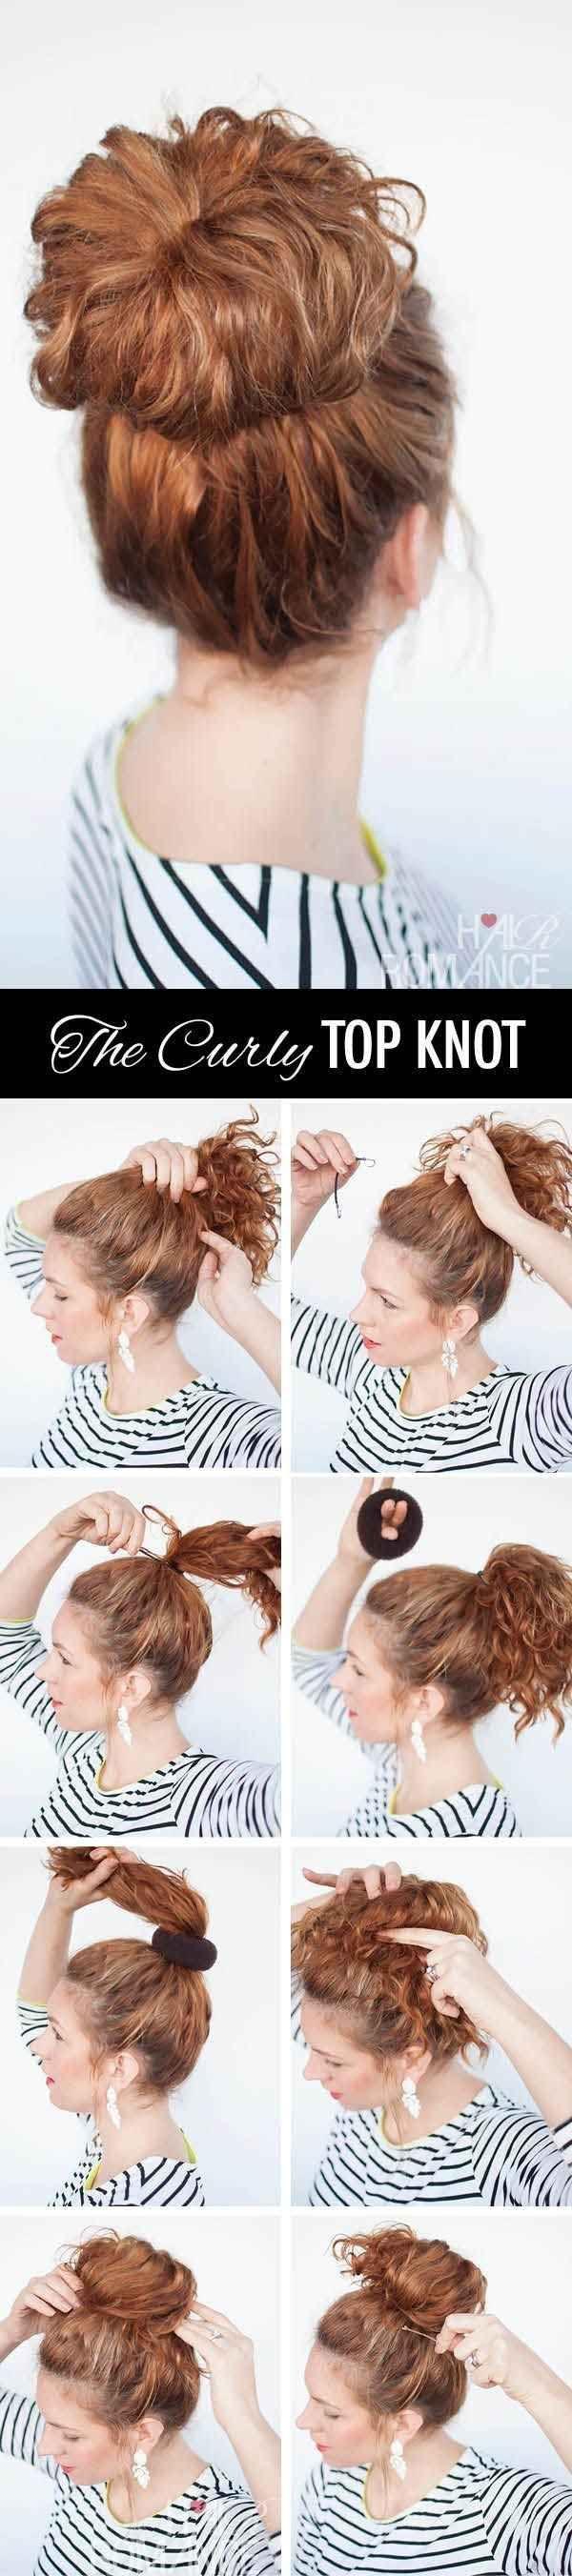 Recoge tu cabello en un moño rizado.